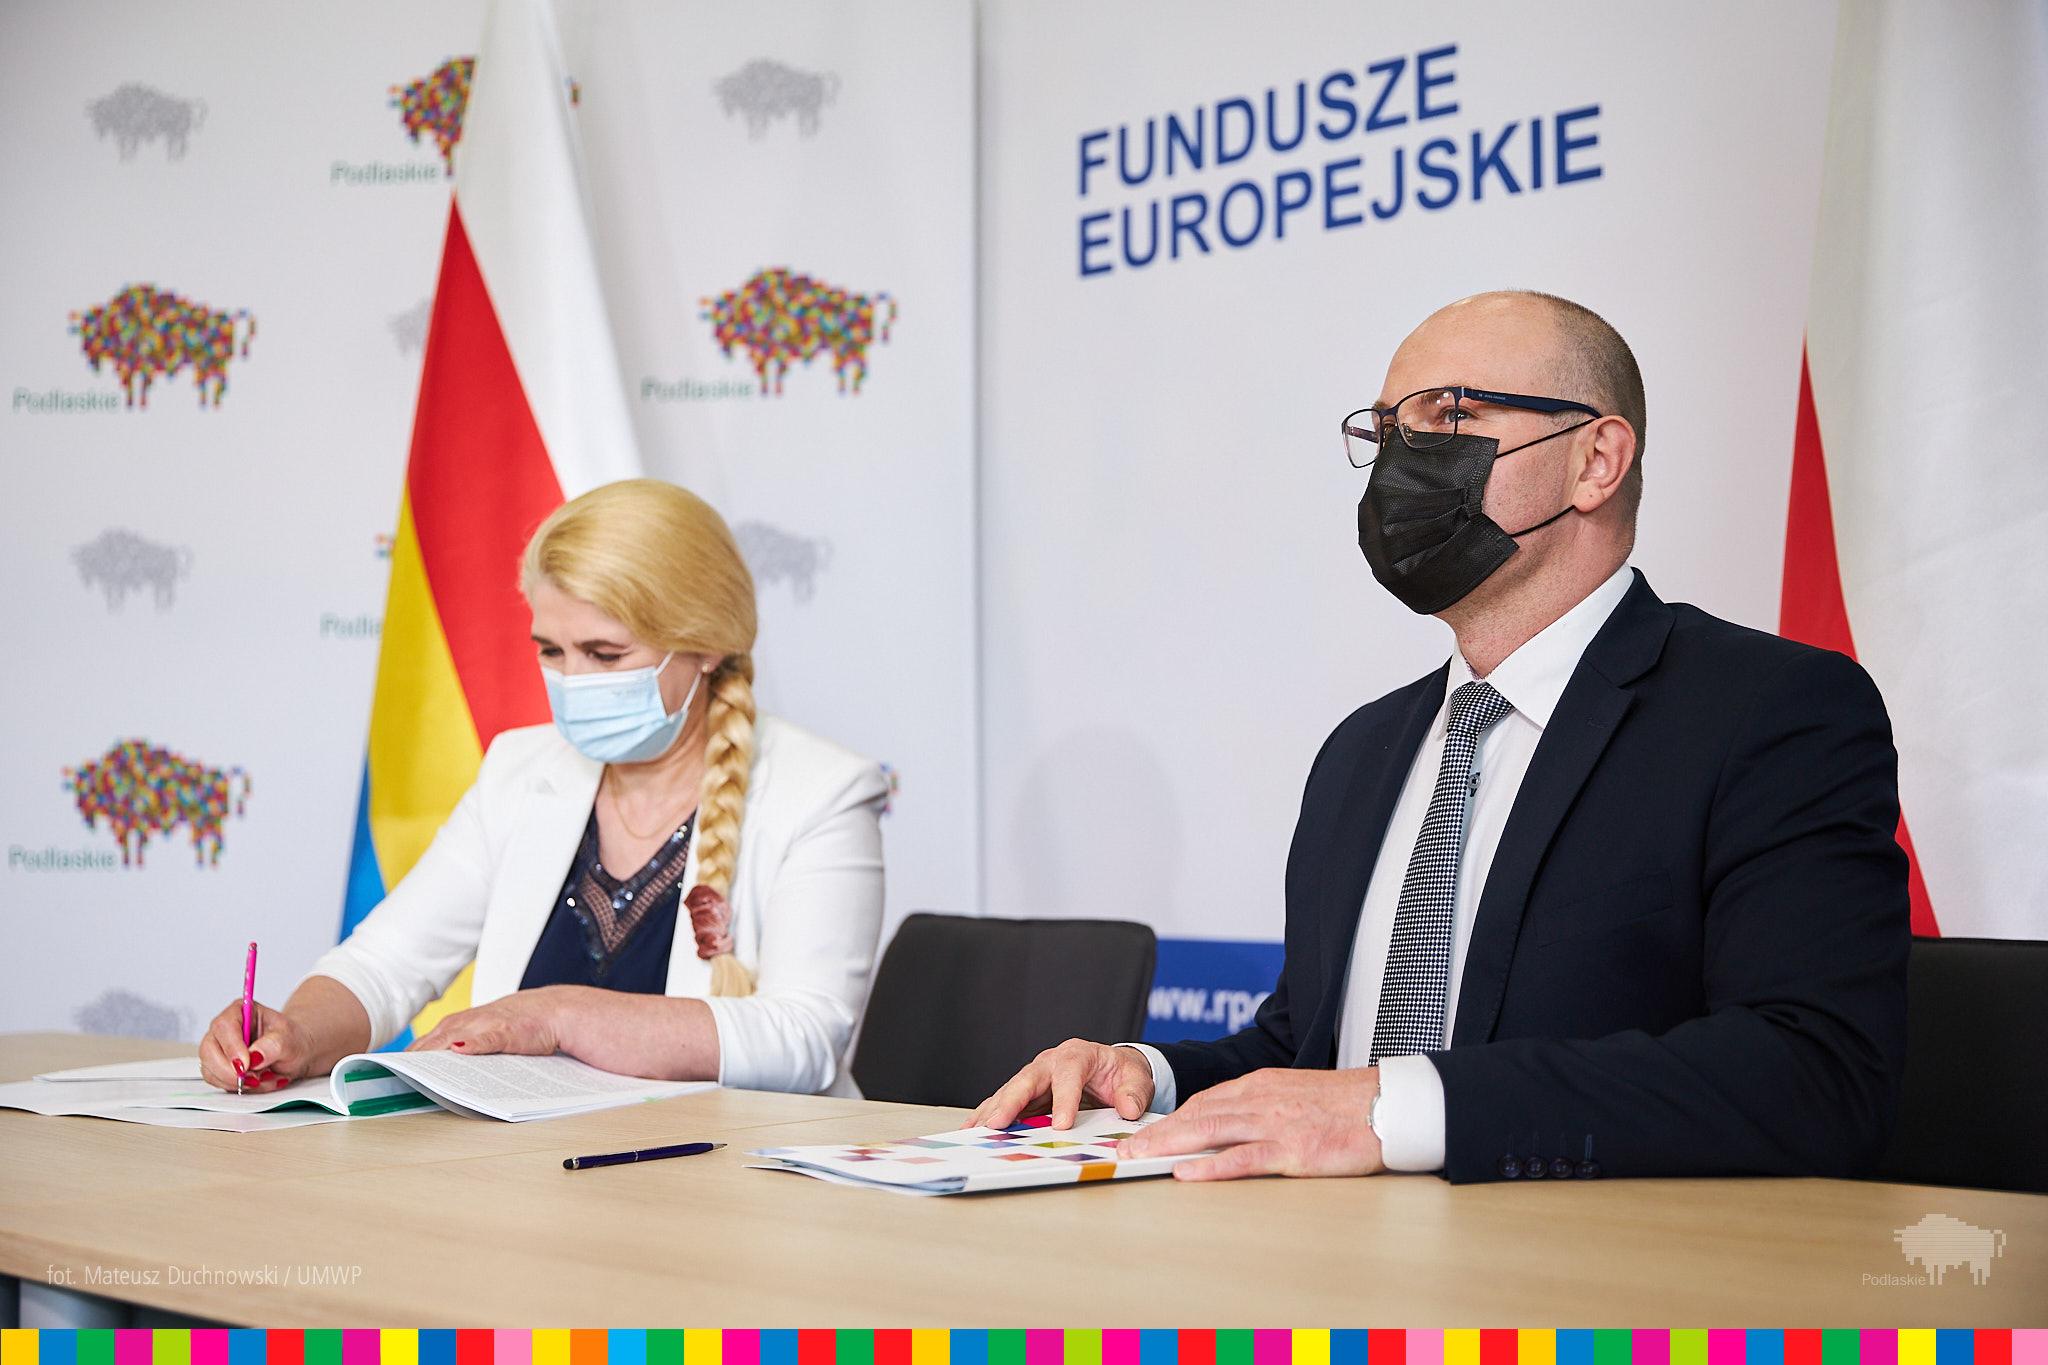 """Przy stole, od lewej strony siedzi kobieta i podpisuje umowę, z prawej mężczyzna, który patrzy przed siebie. Za nimi na ścianie jest napisane """"Fundusze Europejskie"""", ścianka województwa w żubry i flaga województwa: biało - czerwono - żółto - niebieska"""